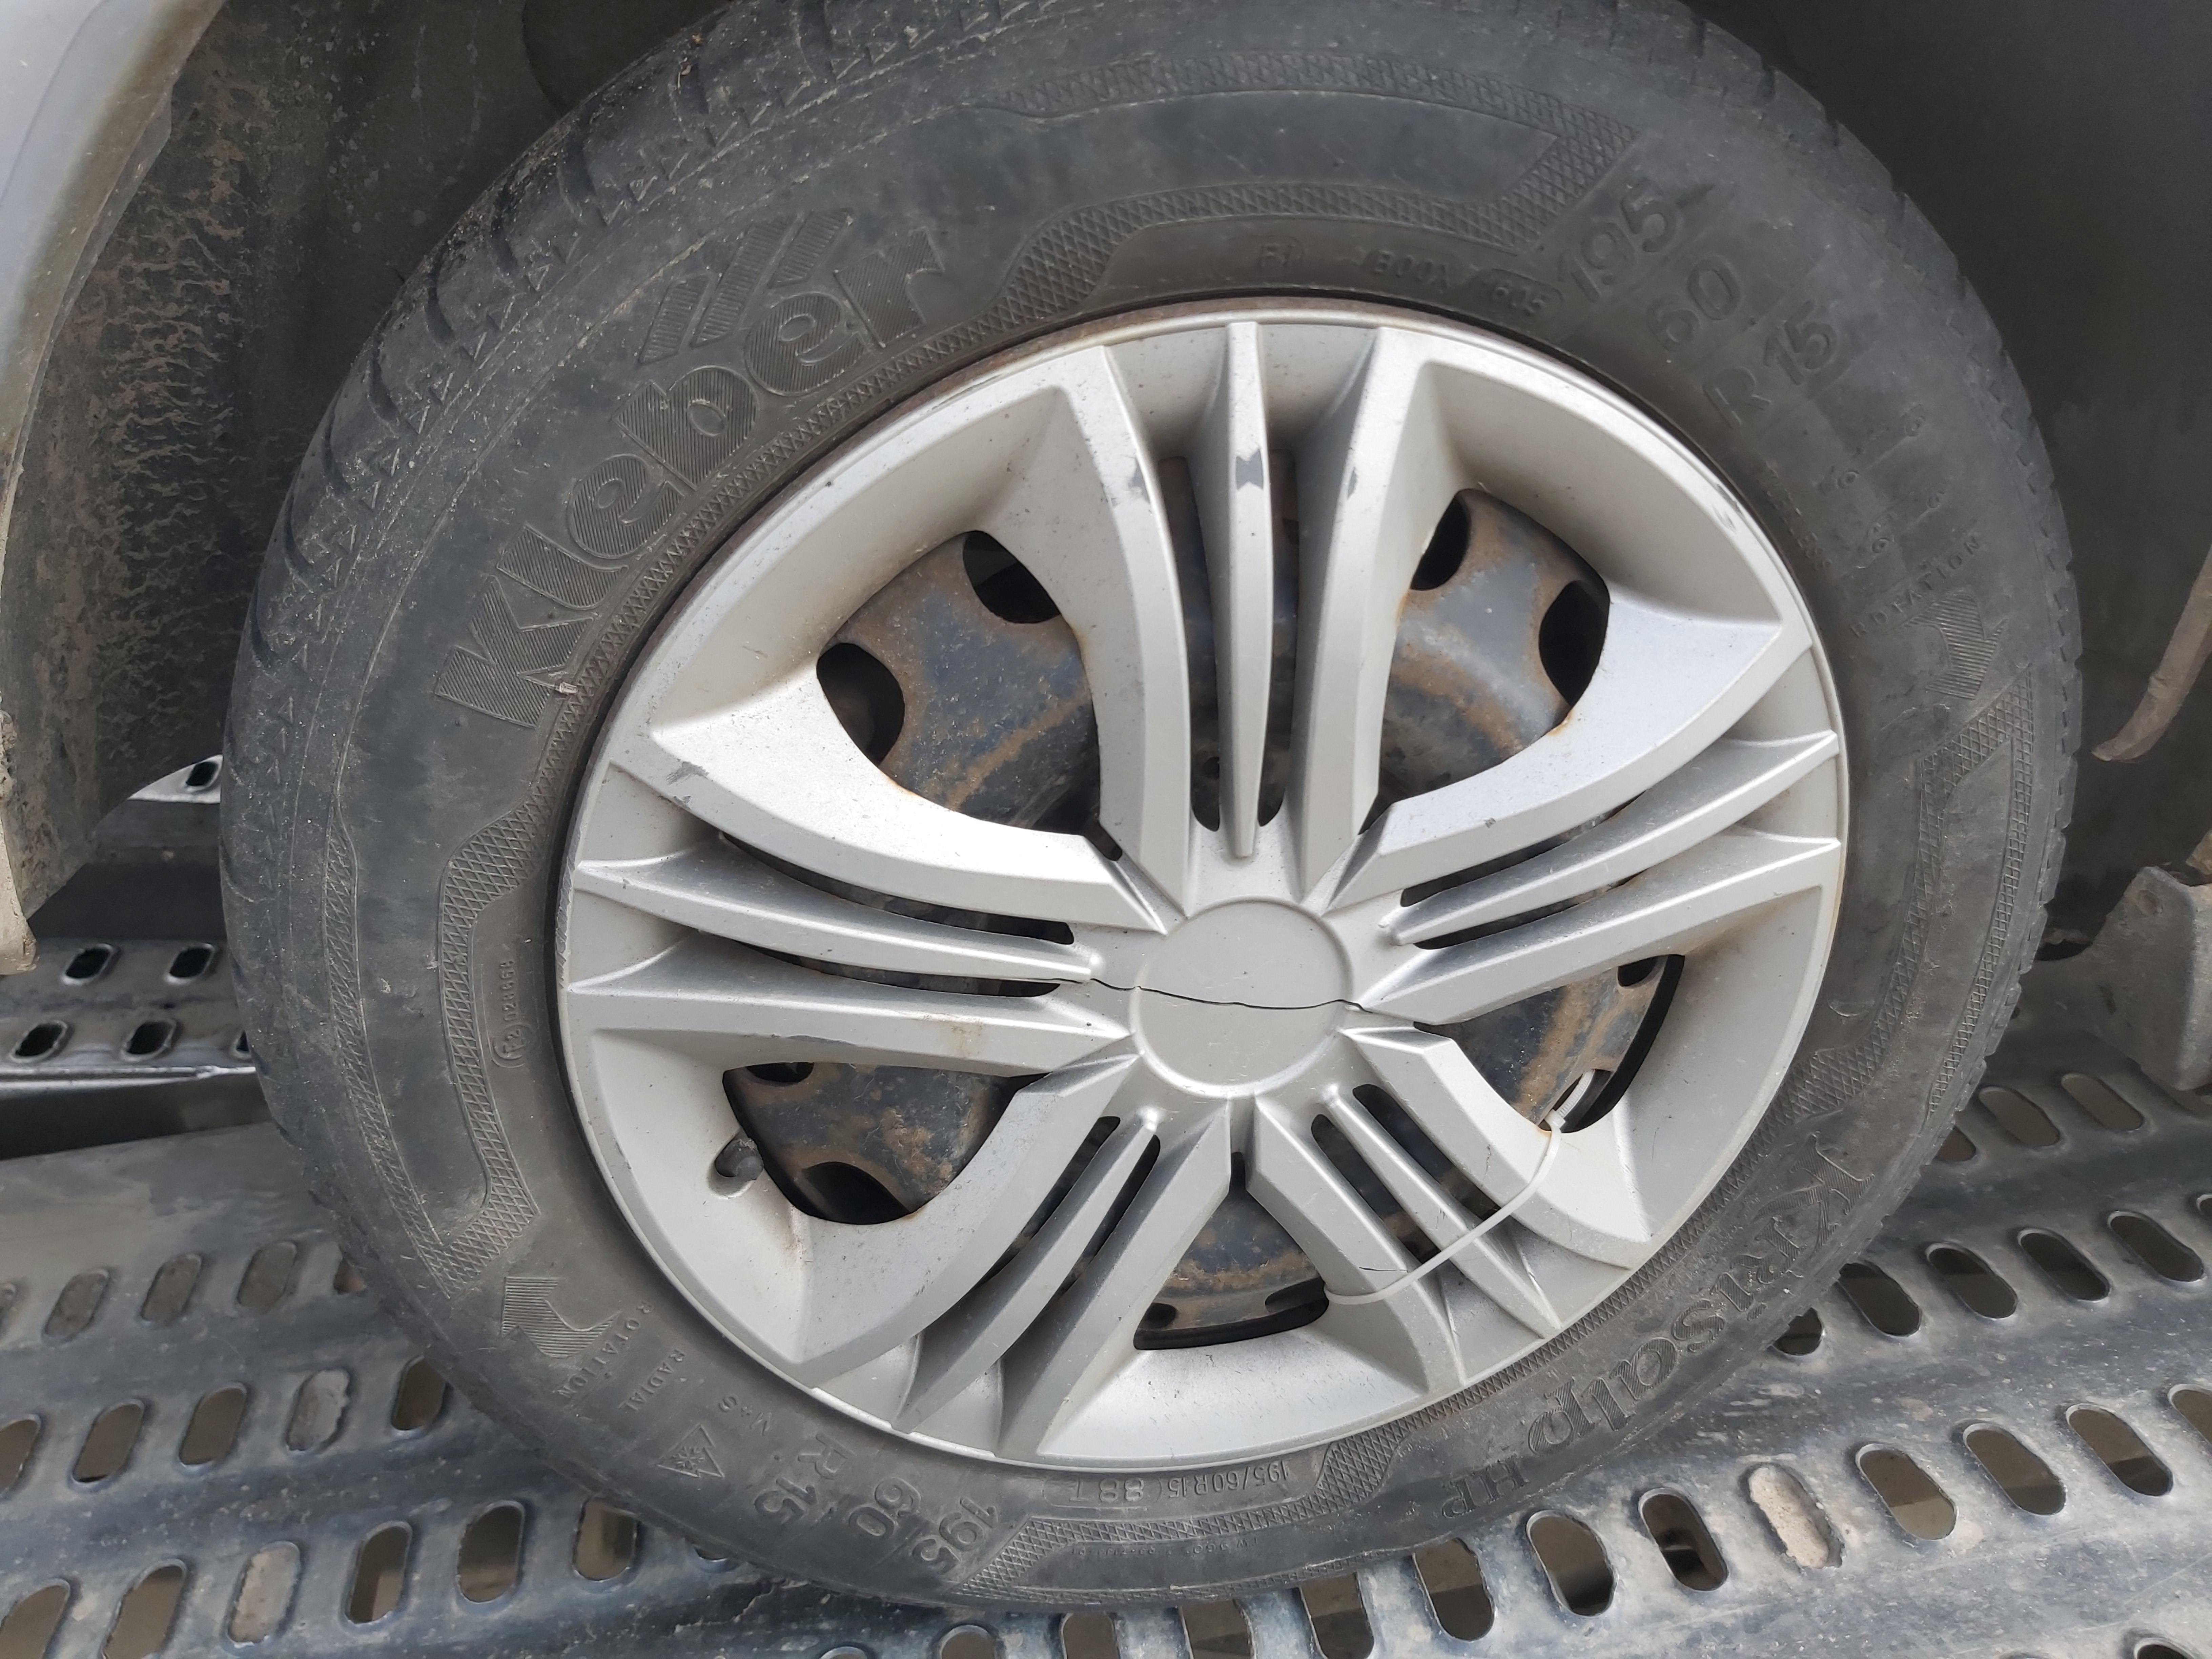 Подержанные Автозапчасти Foto 7 Opel ASTRA 2000 2.0 машиностроение универсал 4/5 d. Серый 2020-7-30 A5479